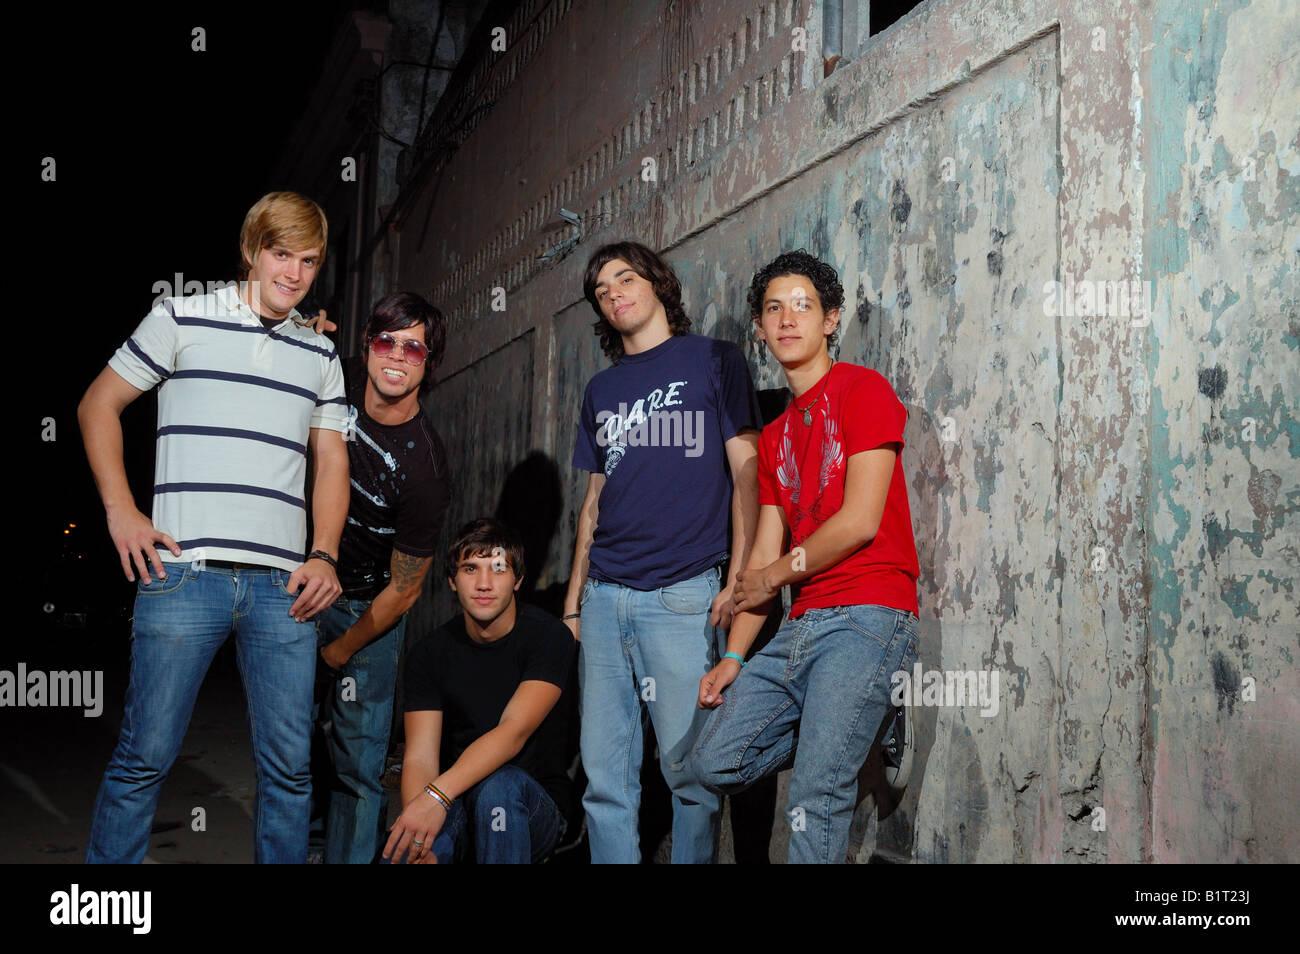 Lockere Gruppe von Jugendlichen gegen Grunge Wand stehend Stockbild